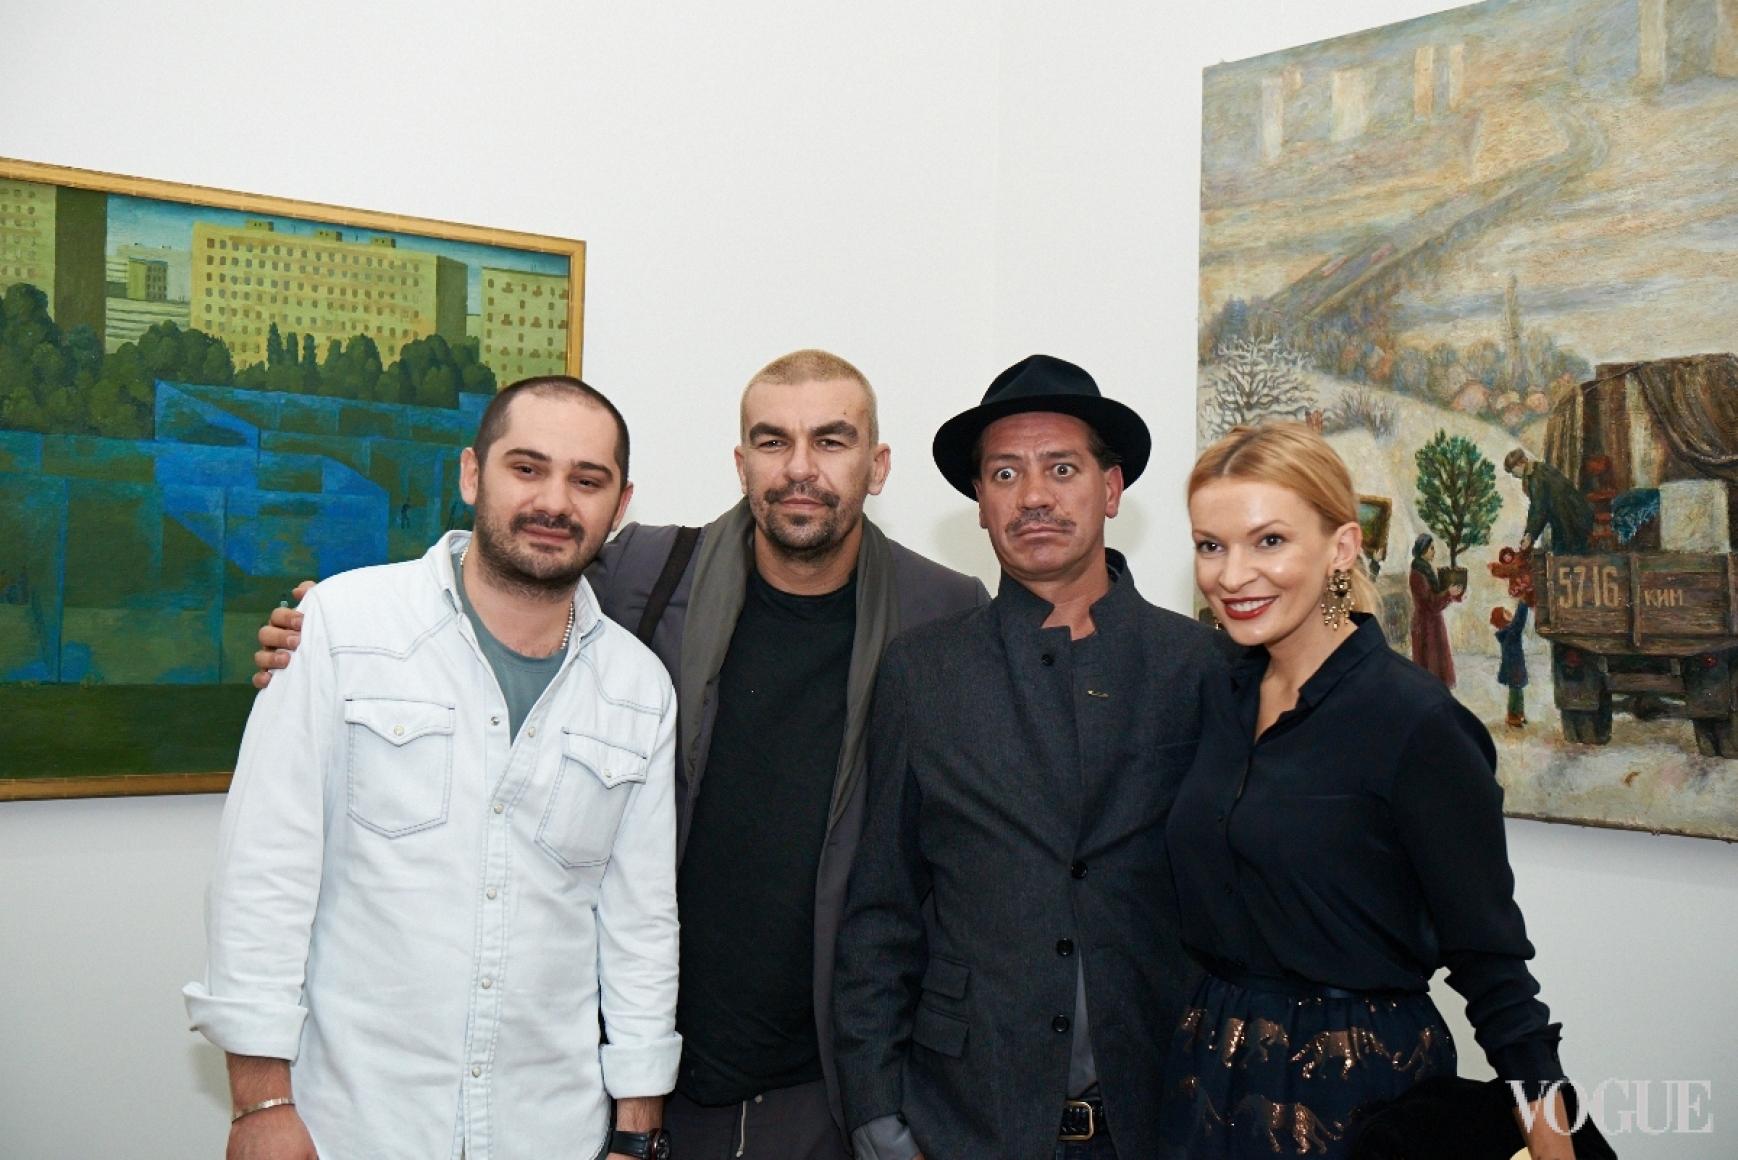 Дэни Дадаев, Юрий Чернецкий, Илья Чичкан, Полина Неня